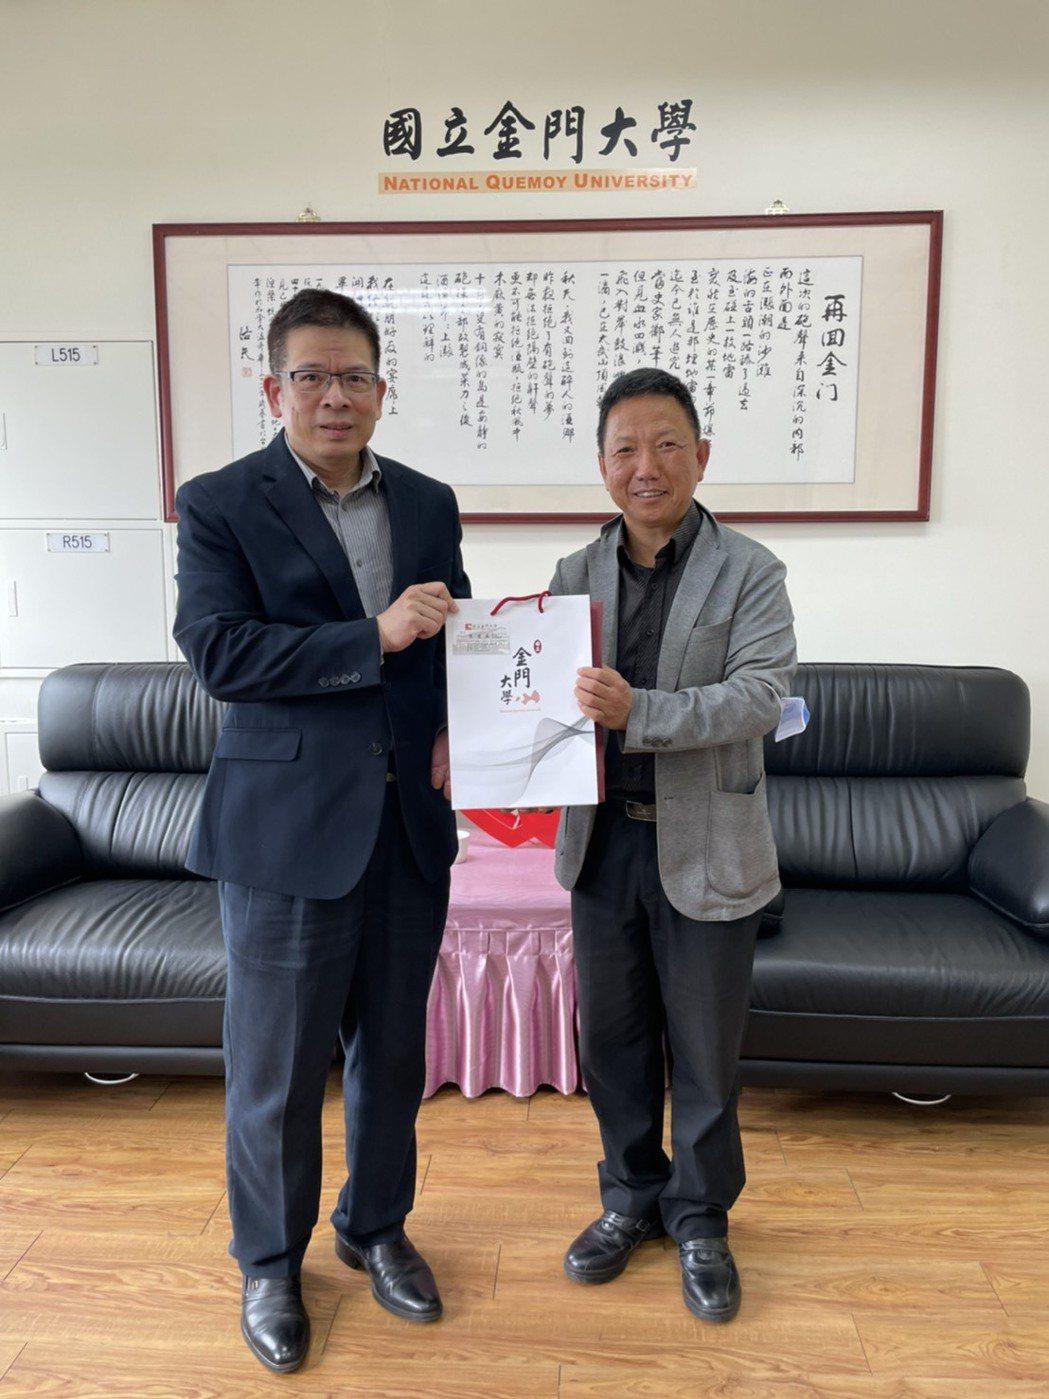 雄獅旅遊集團總經理陳碧松(右)、金門大學校長陳建民(左)合影。 金門大學/提供。